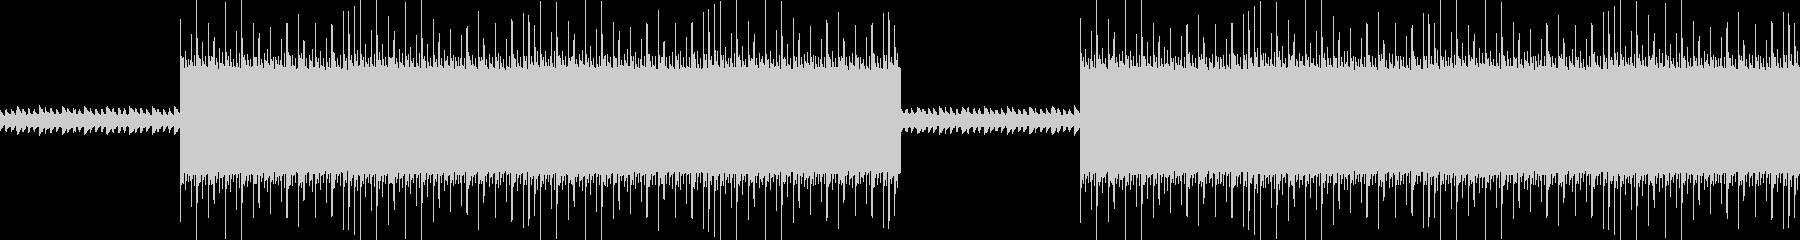 不思議なダークトラップヒップホップBGMの未再生の波形